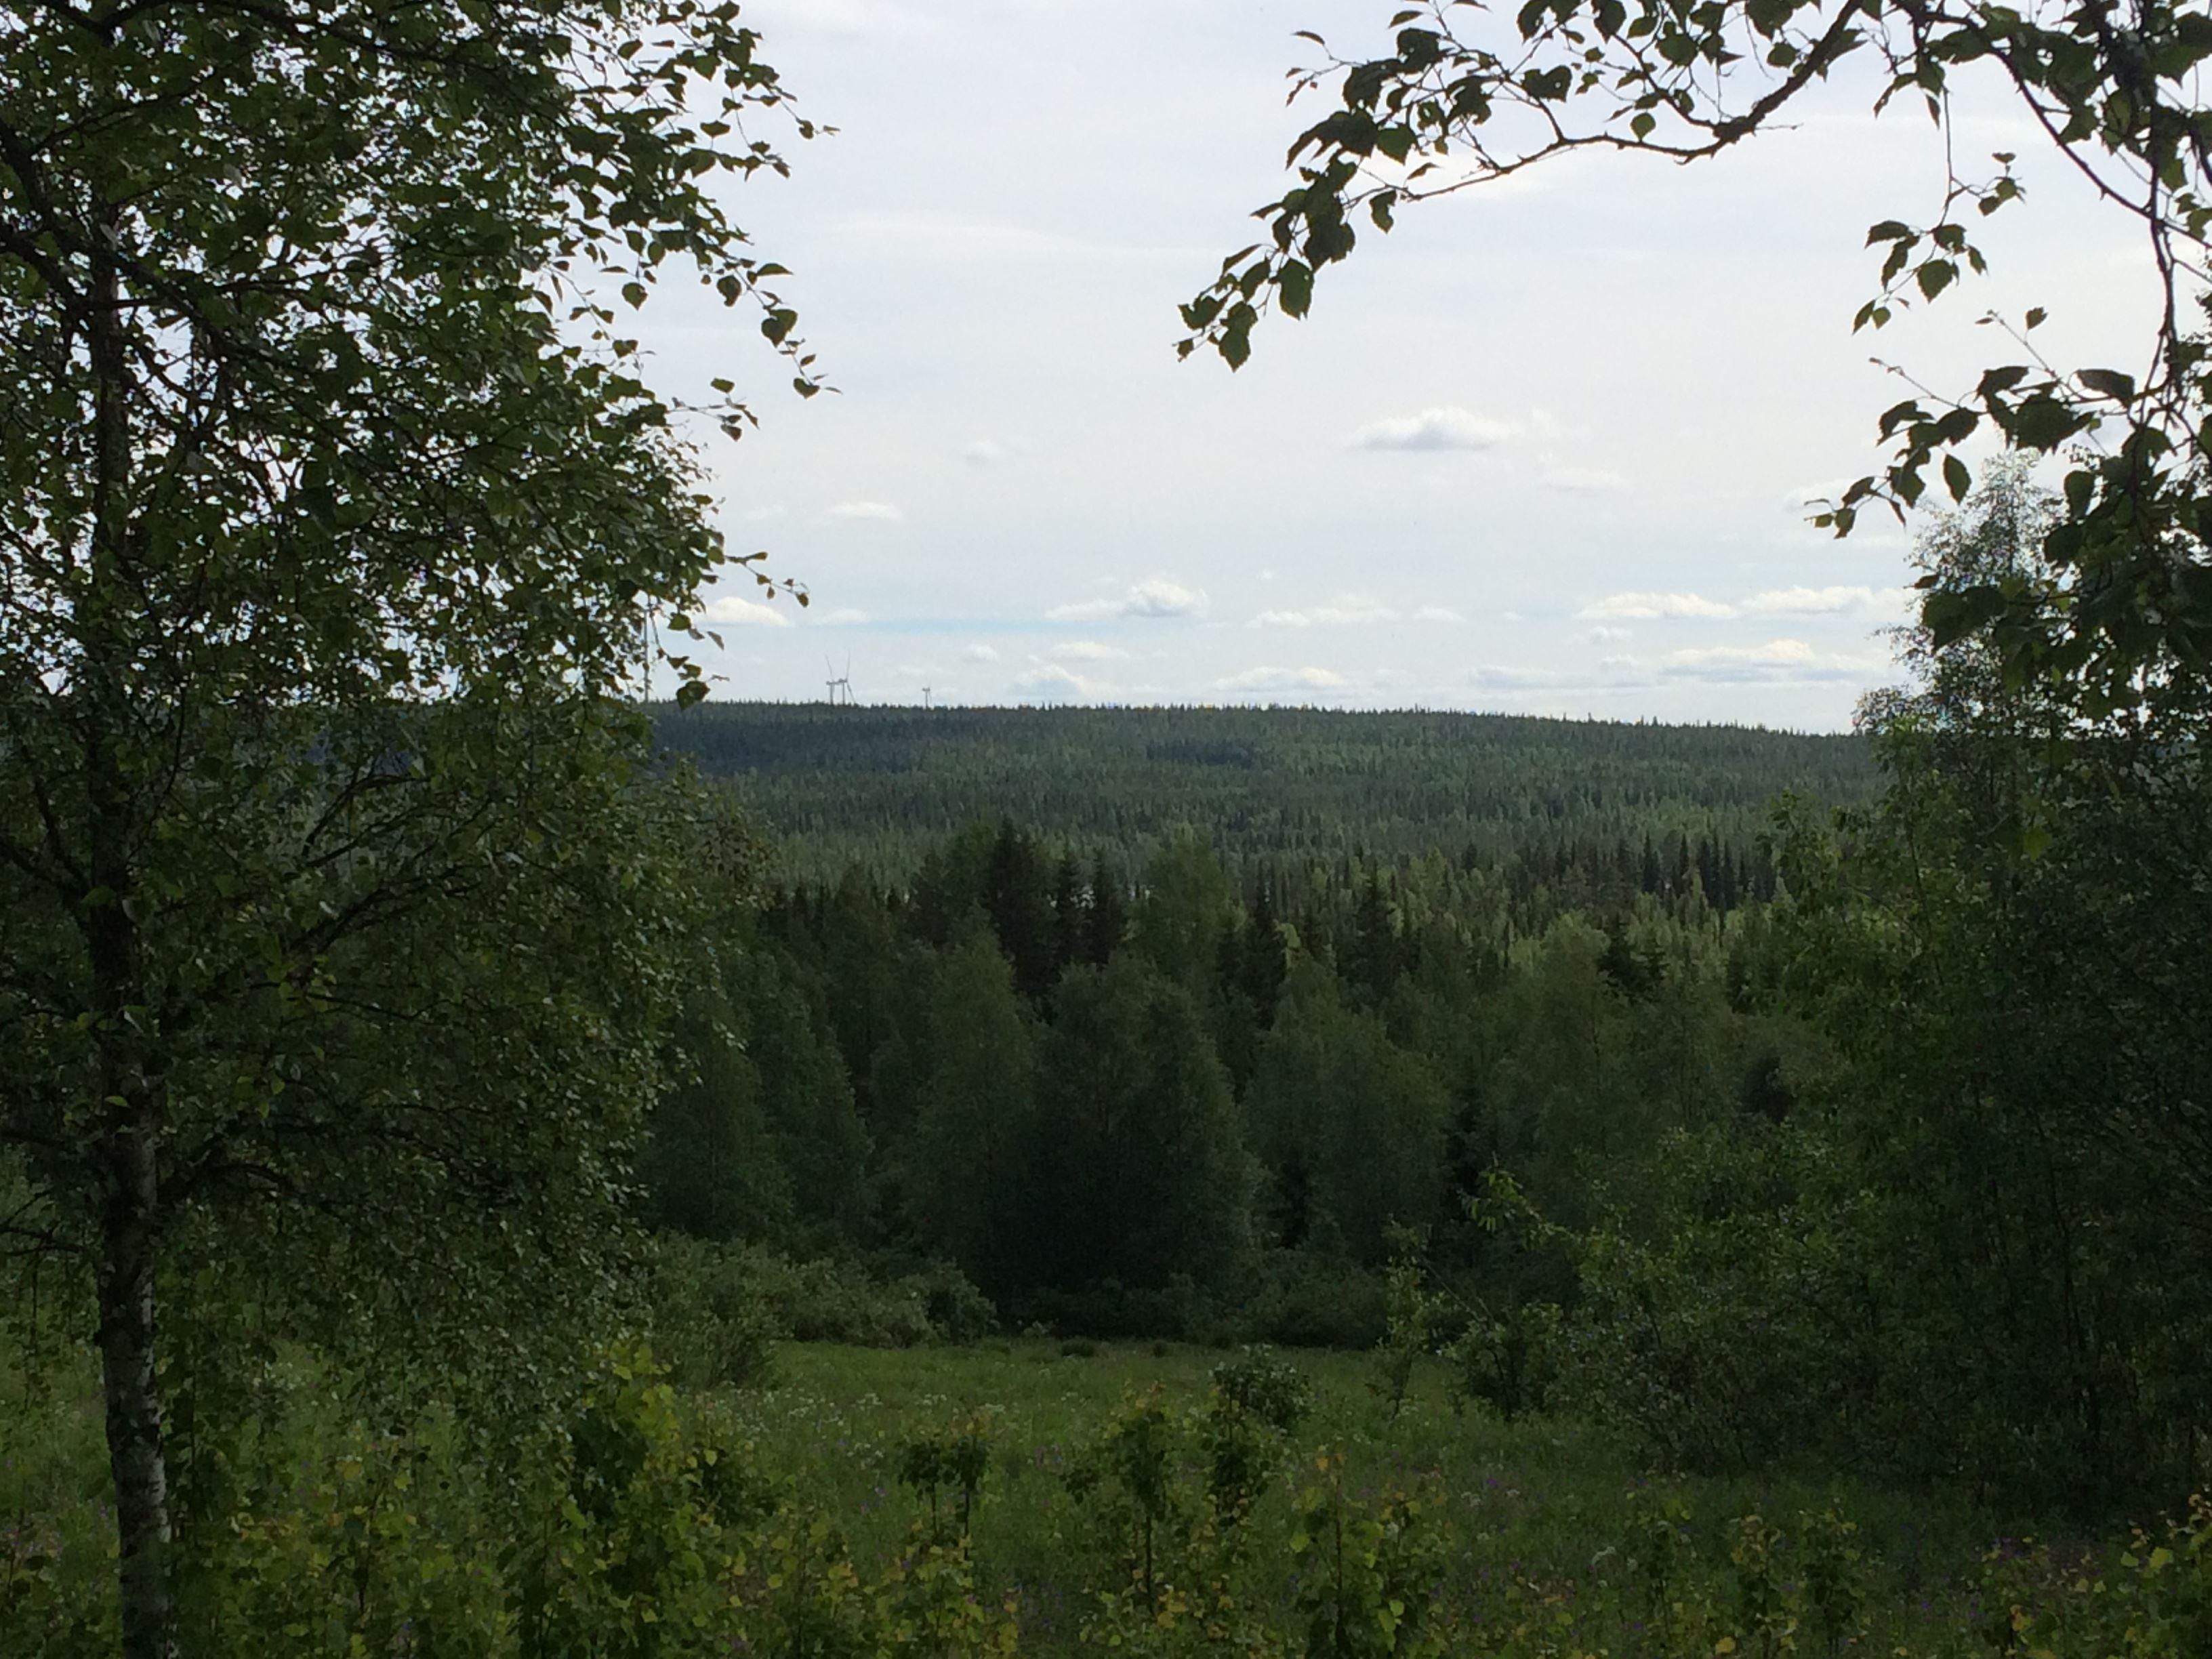 Rentjärnberg utsiktsplats